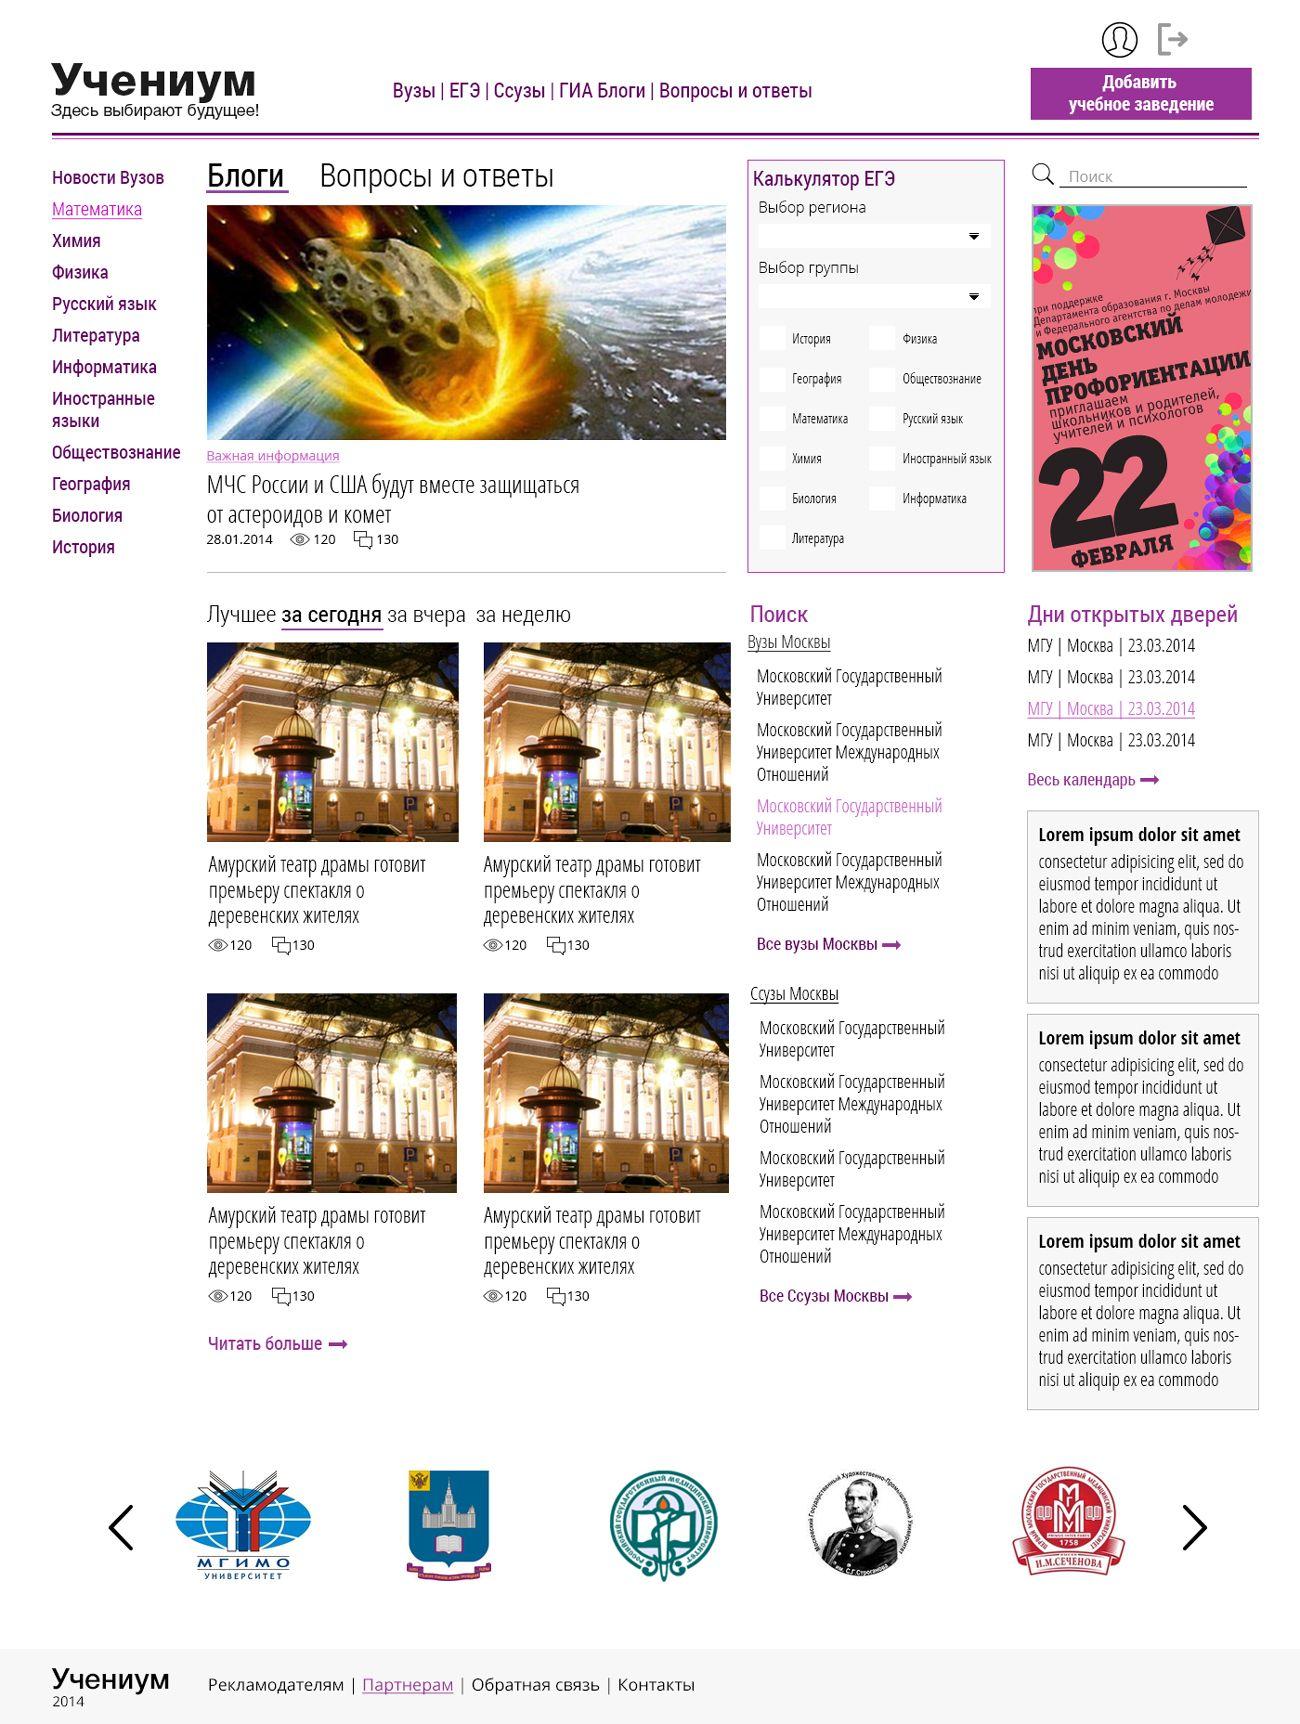 Дизайн для информационного сайта - дизайнер ready2flash